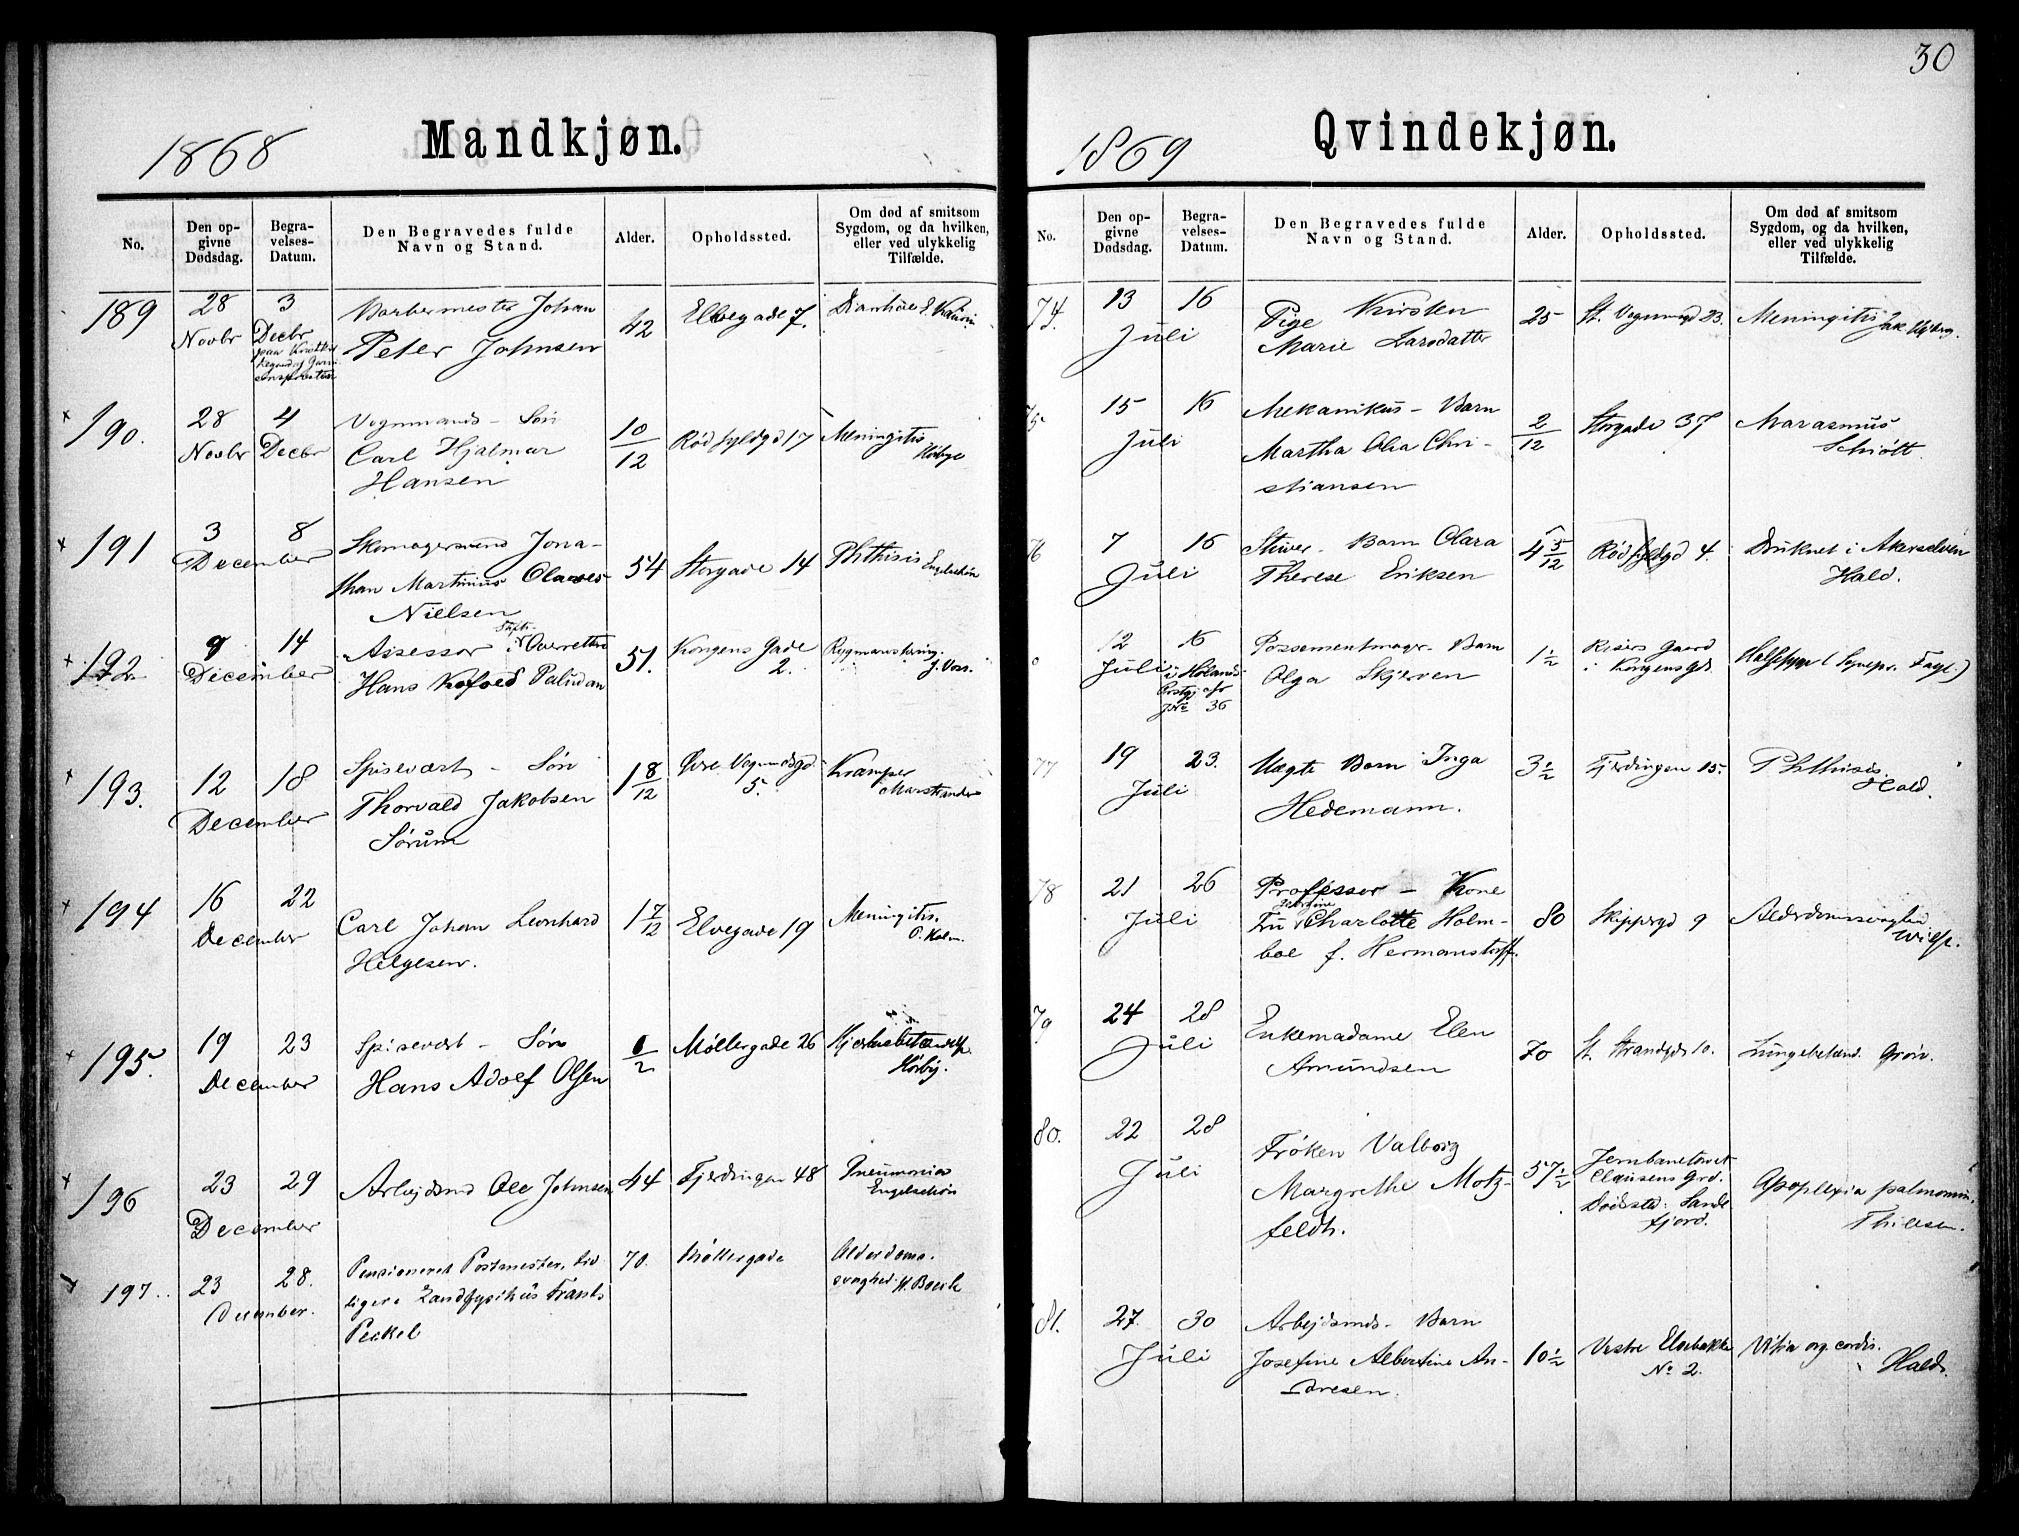 SAO, Oslo domkirke Kirkebøker, F/Fa/L0026: Ministerialbok nr. 26, 1867-1884, s. 30